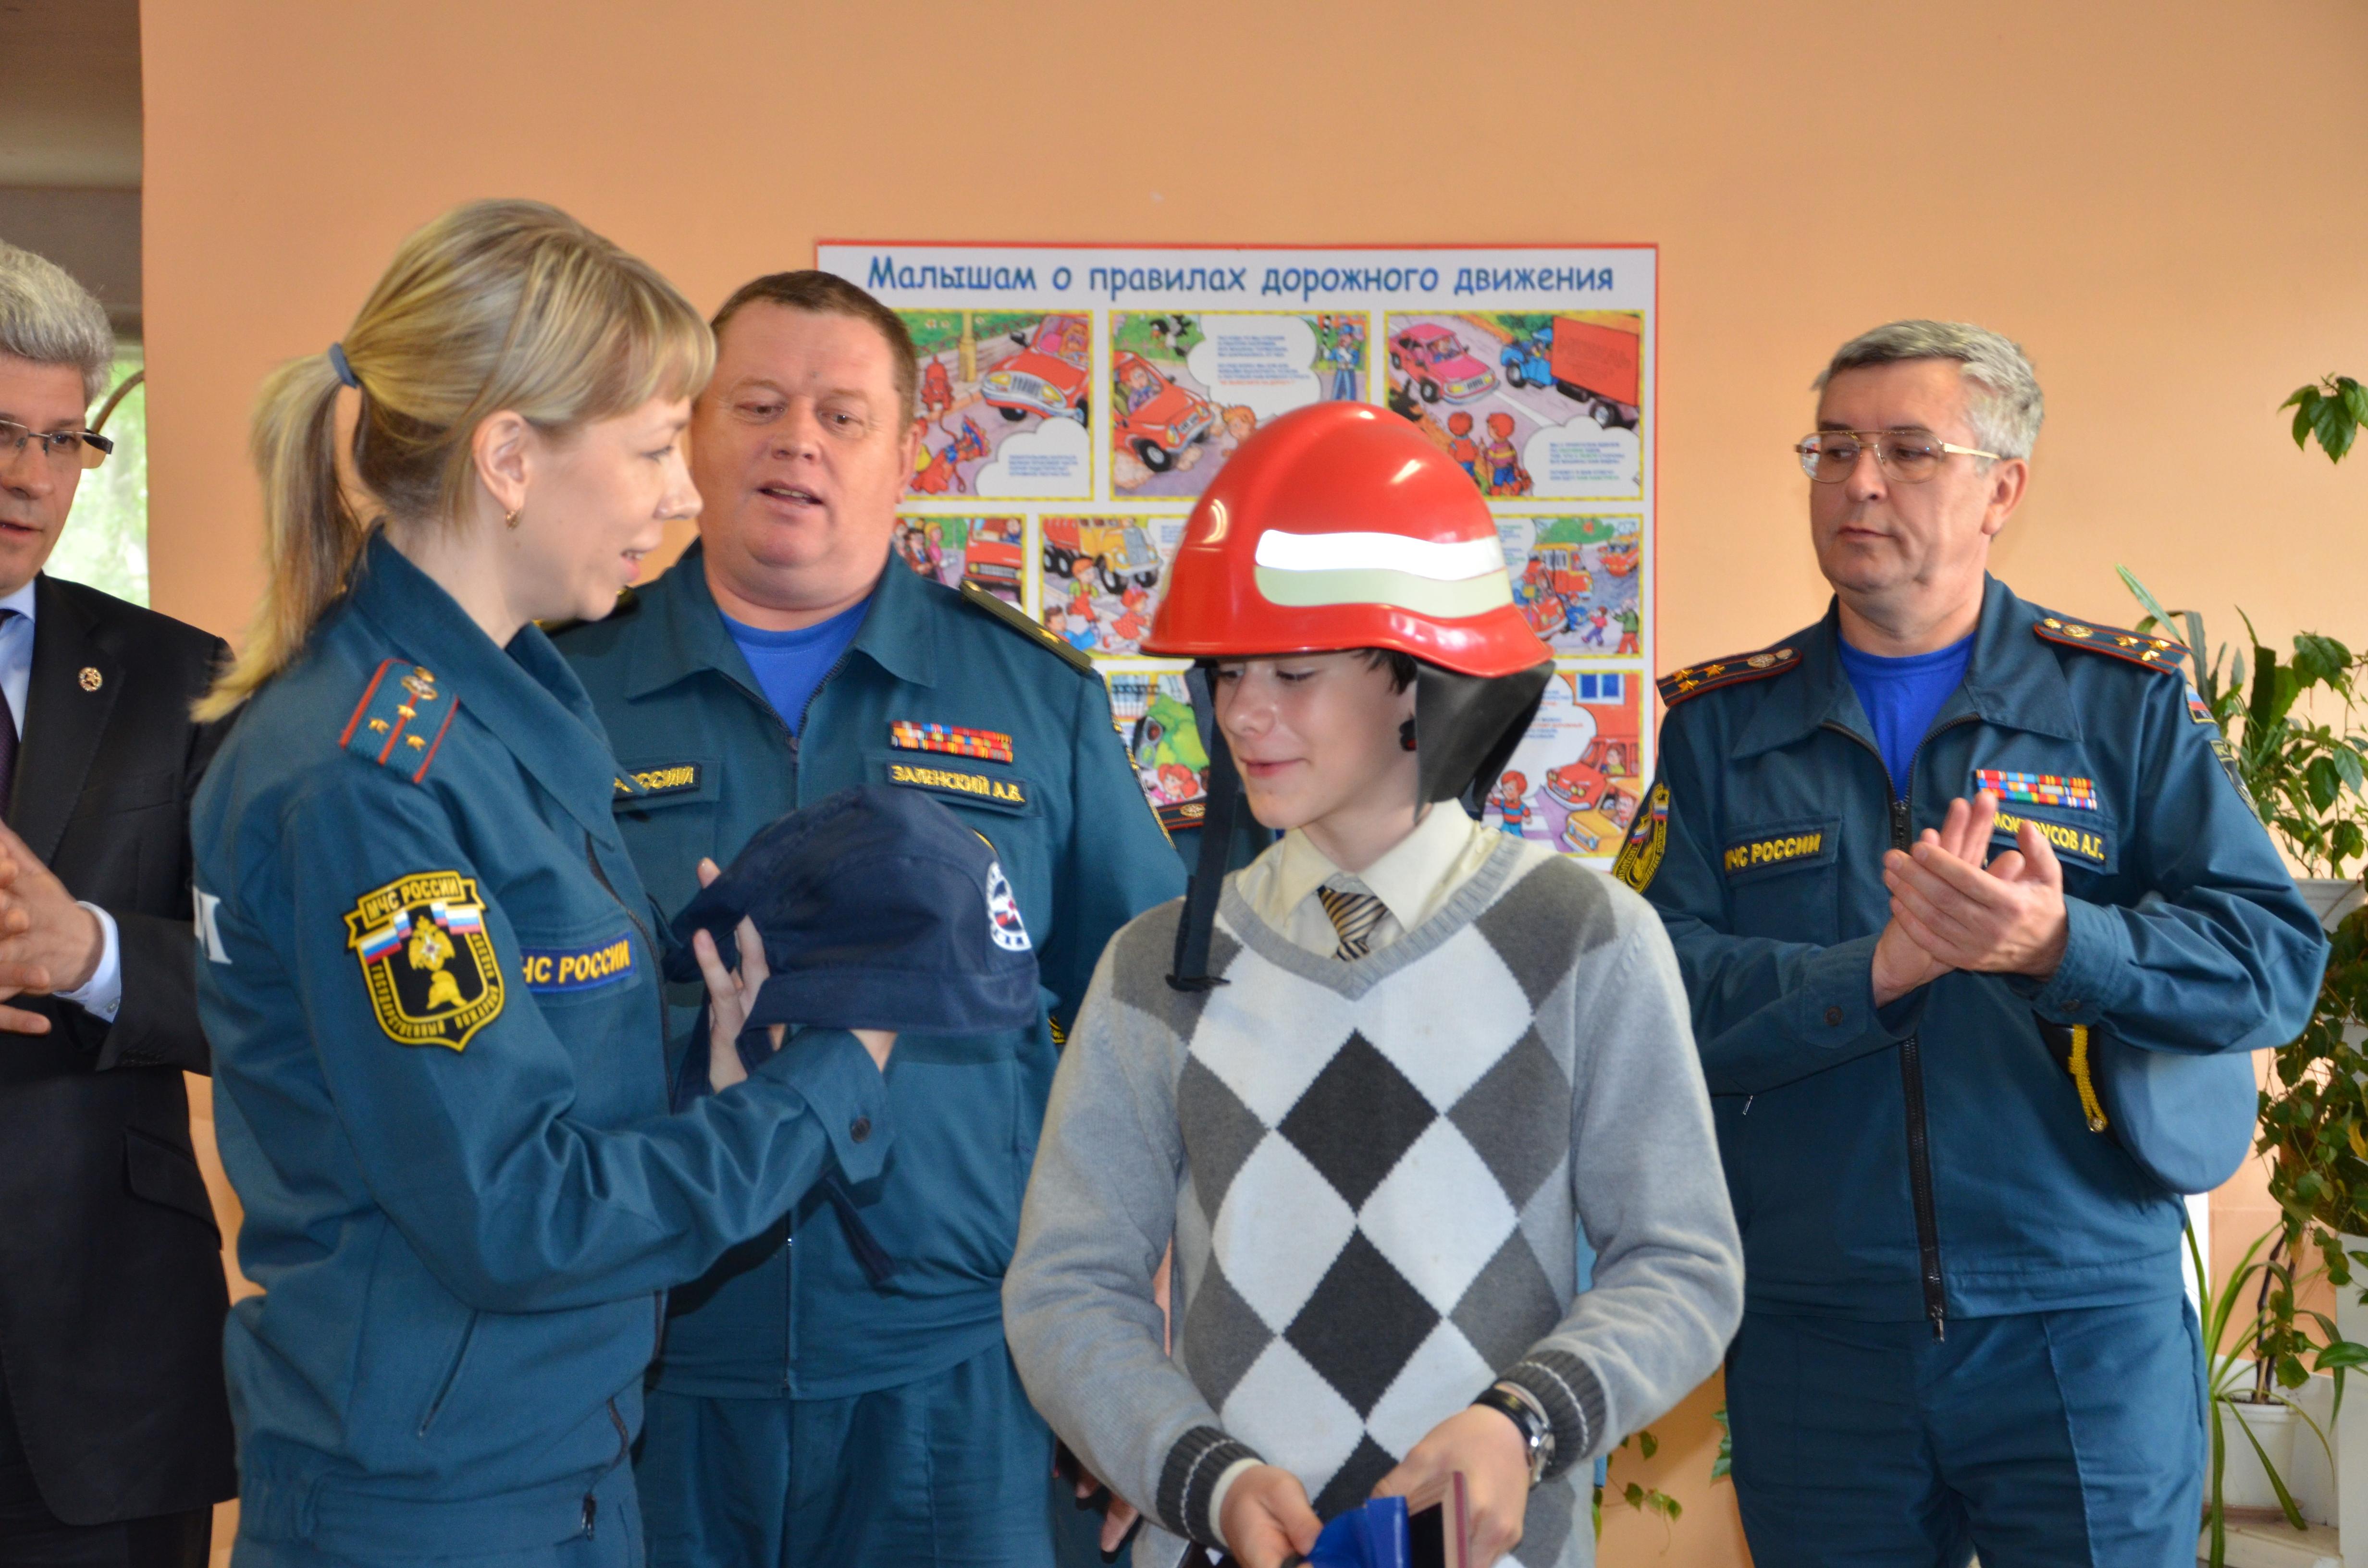 Екатеринбургскому школьнику за отвагу на пожаре вручили каску